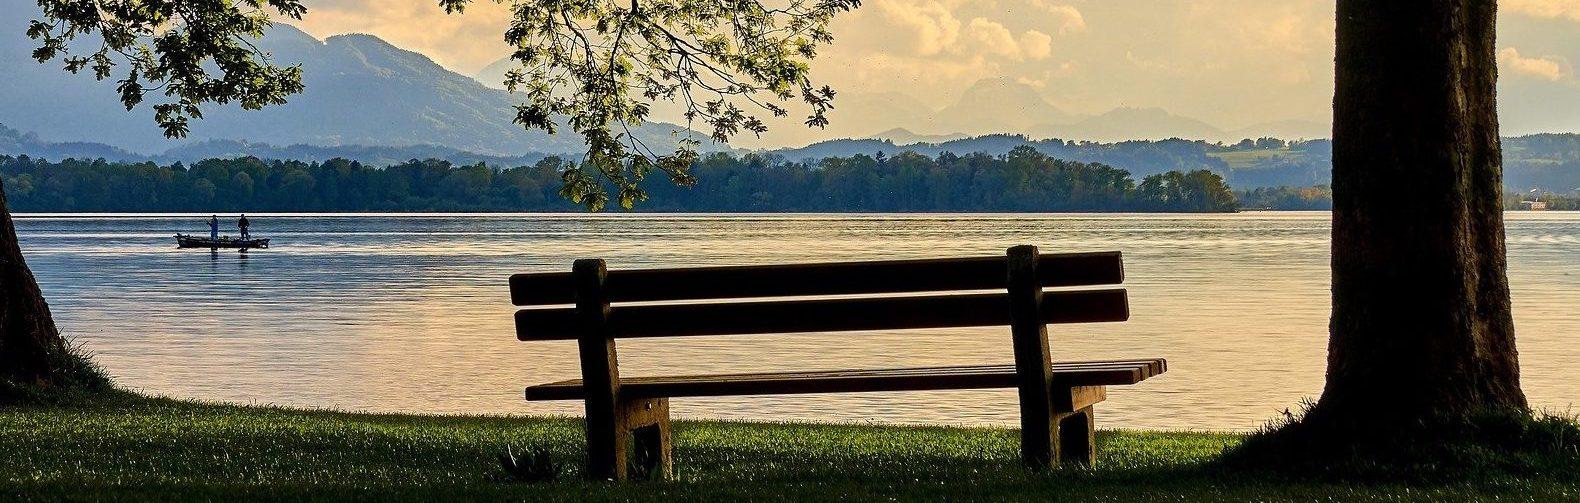 Eine Bank steht vor einem See und die Sonne geht unter.